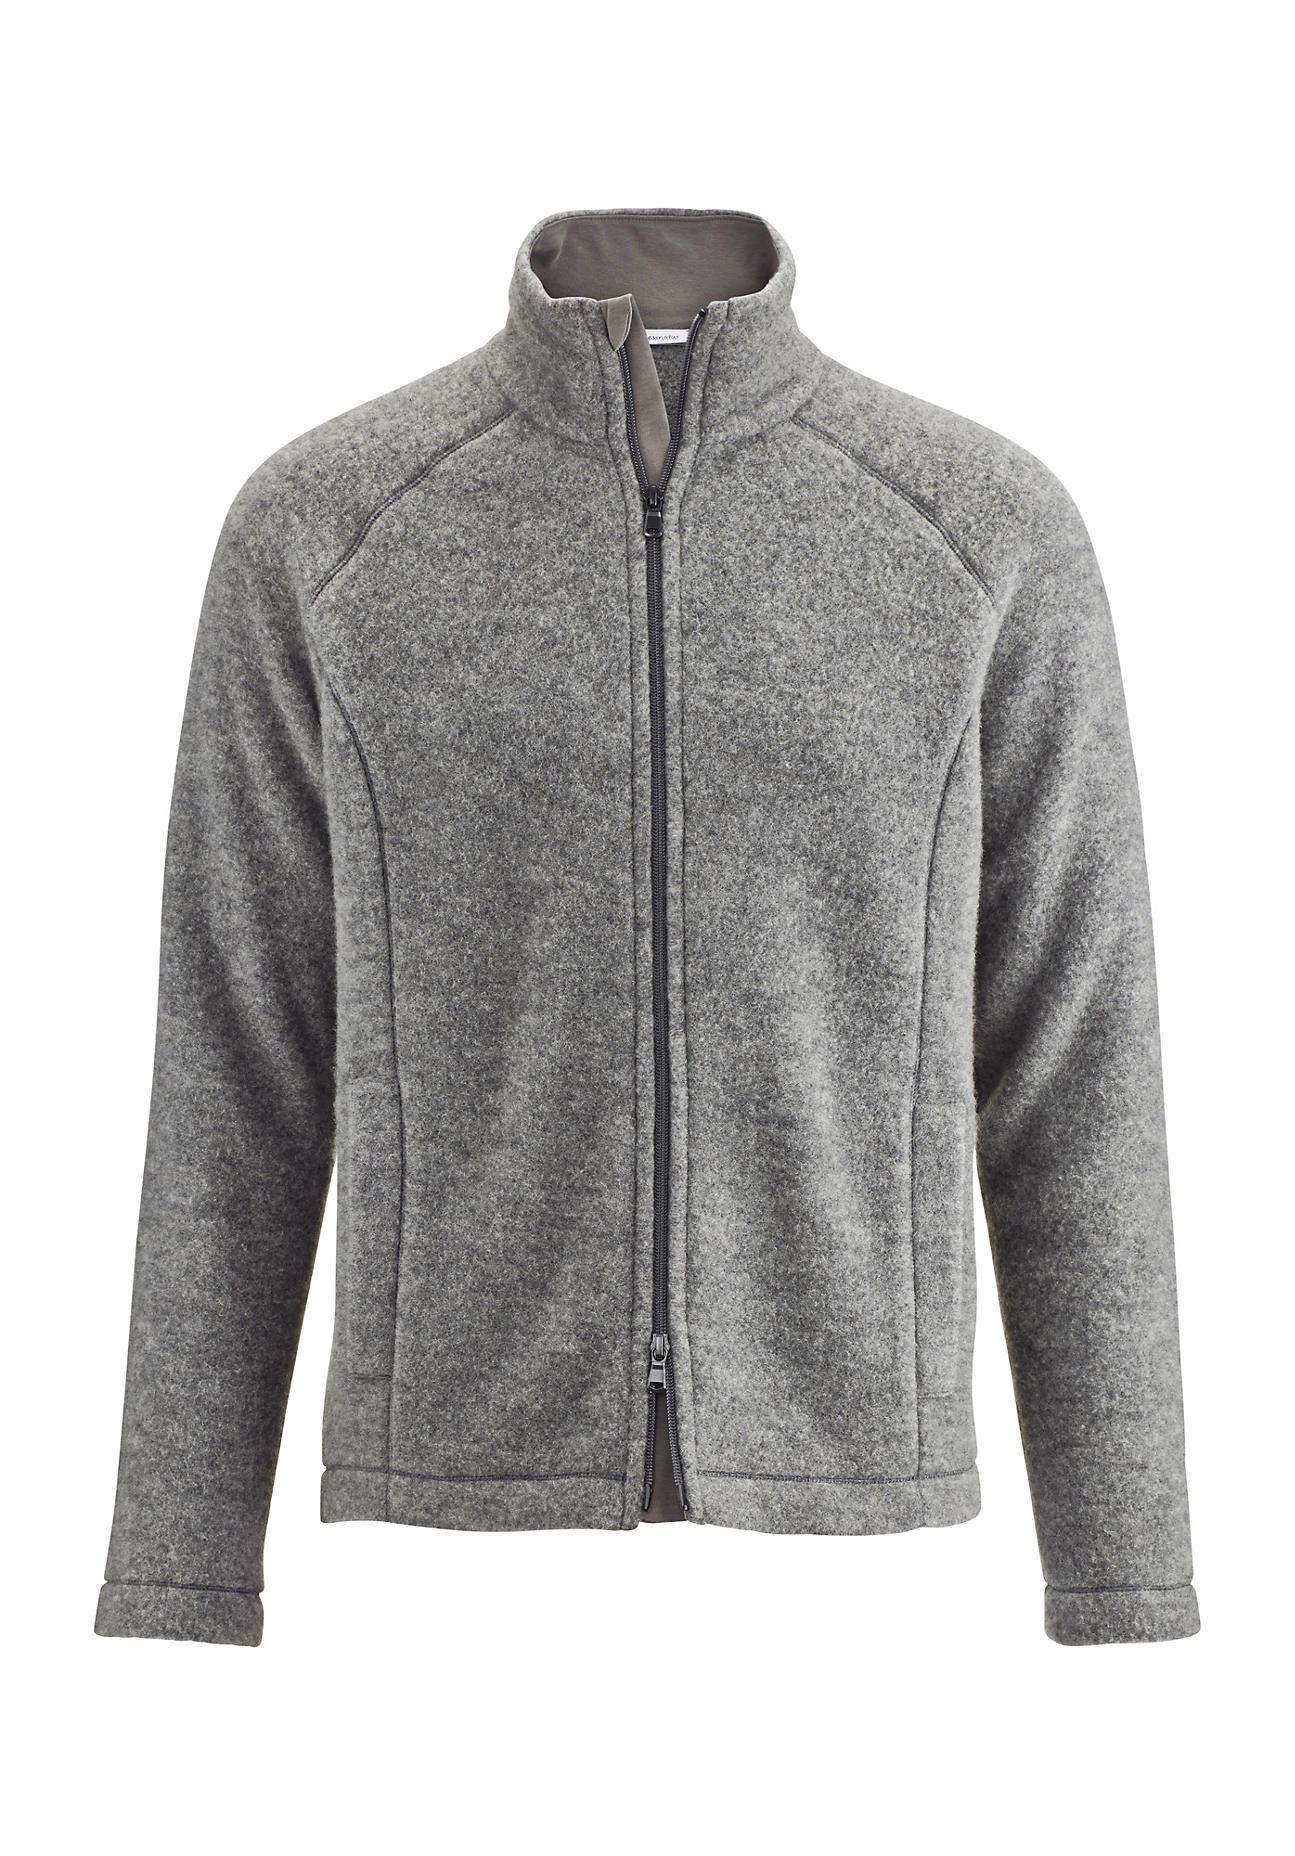 hessnatur Herren-Outdoor Herren Wollfleece-Jacke aus Bio-Schurwolle – grau – Größe 52